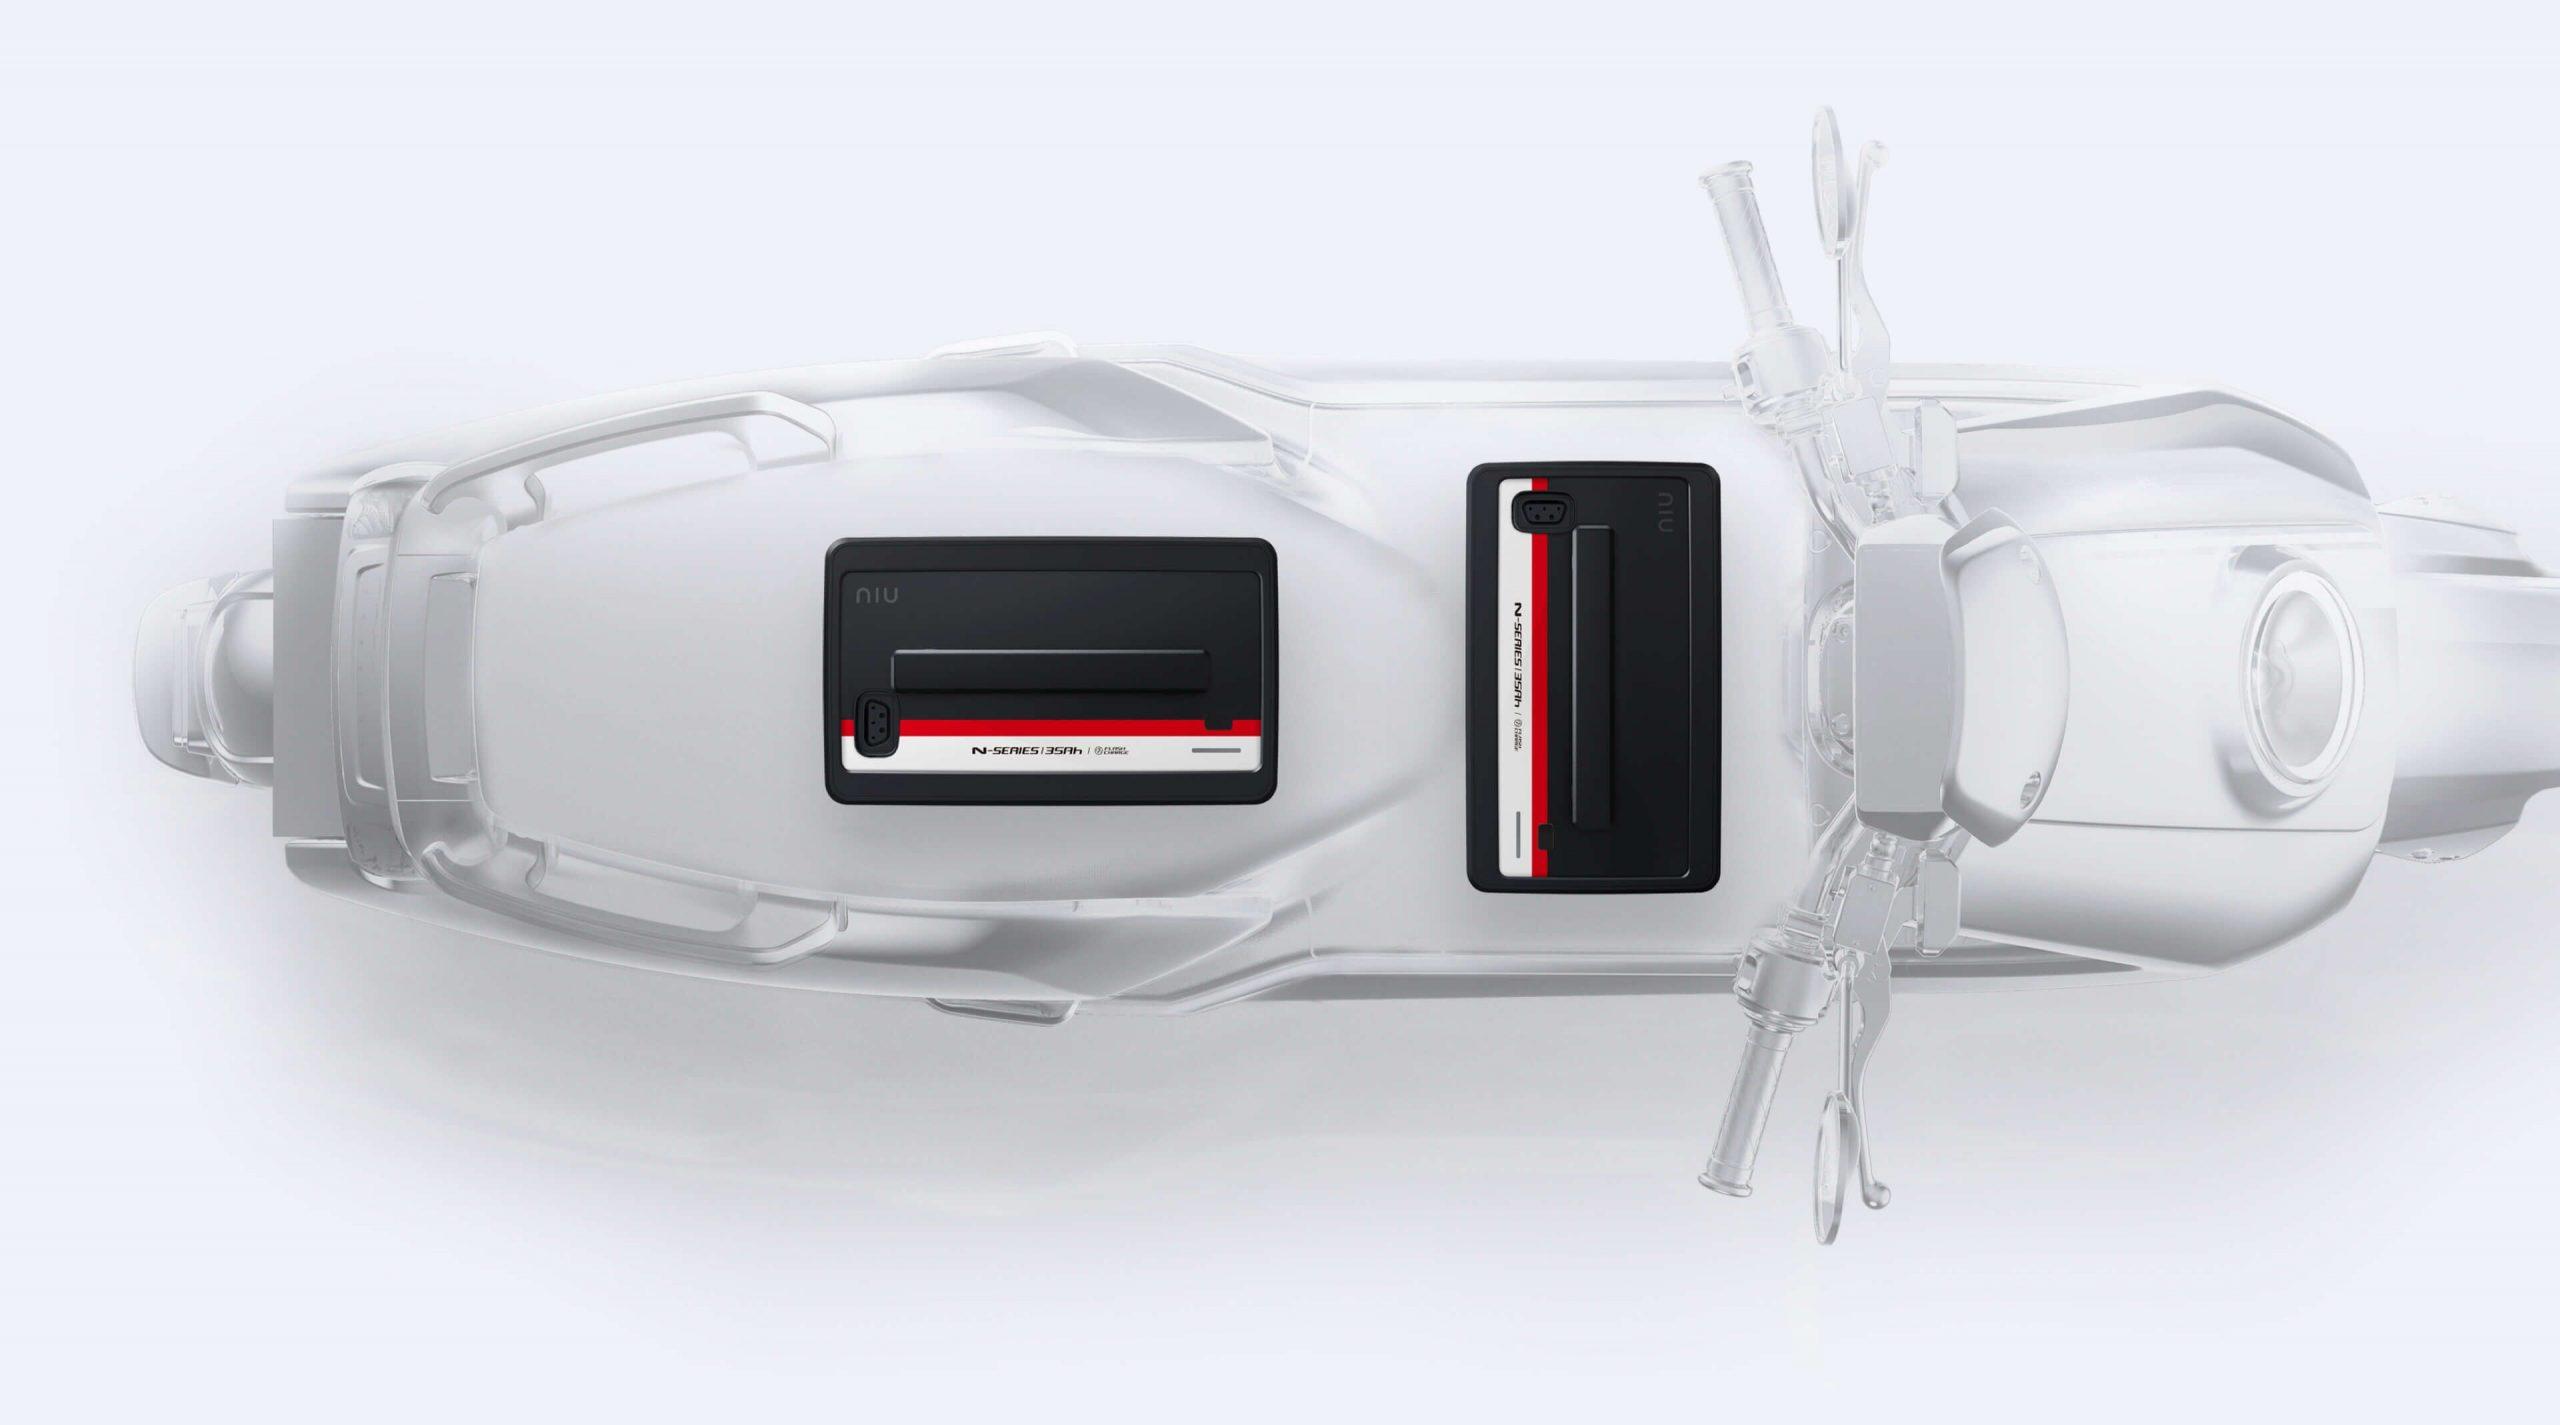 中国制造商小牛电动生产的电动车将装配欧力电池